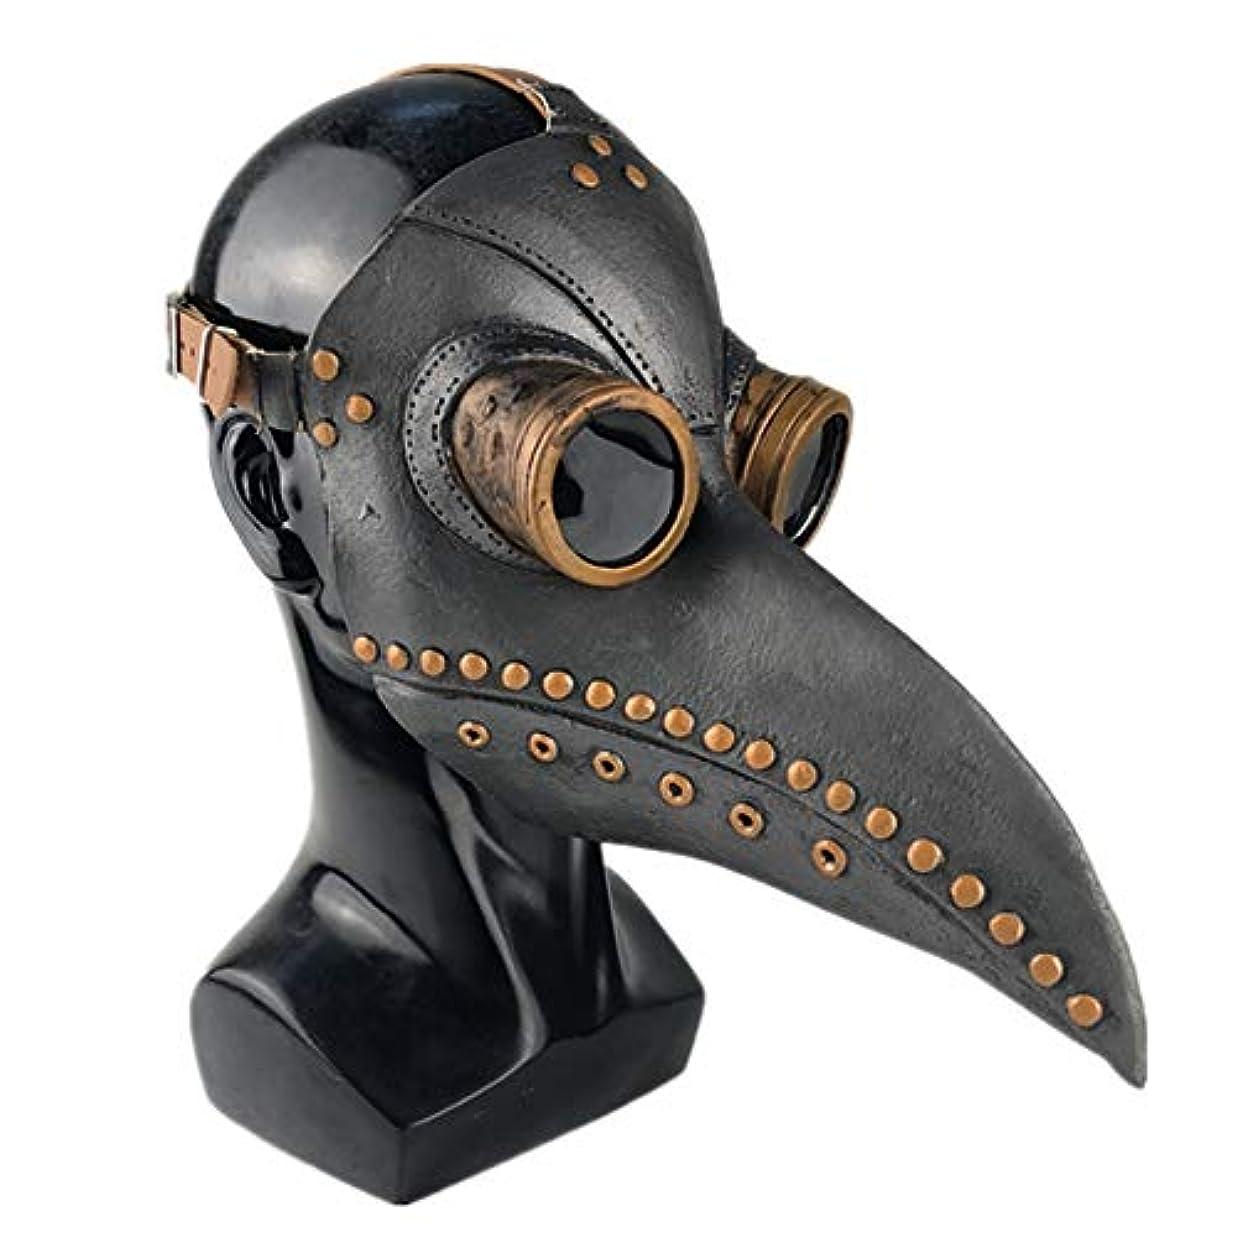 はぁオーク子孫Esolom ハロウィンマスク ペストスチーム喙ドクターマスク ホリデーパーティー用品 黒 銅の爪 ホラーマスク ハロウィンデコレーション 通気性